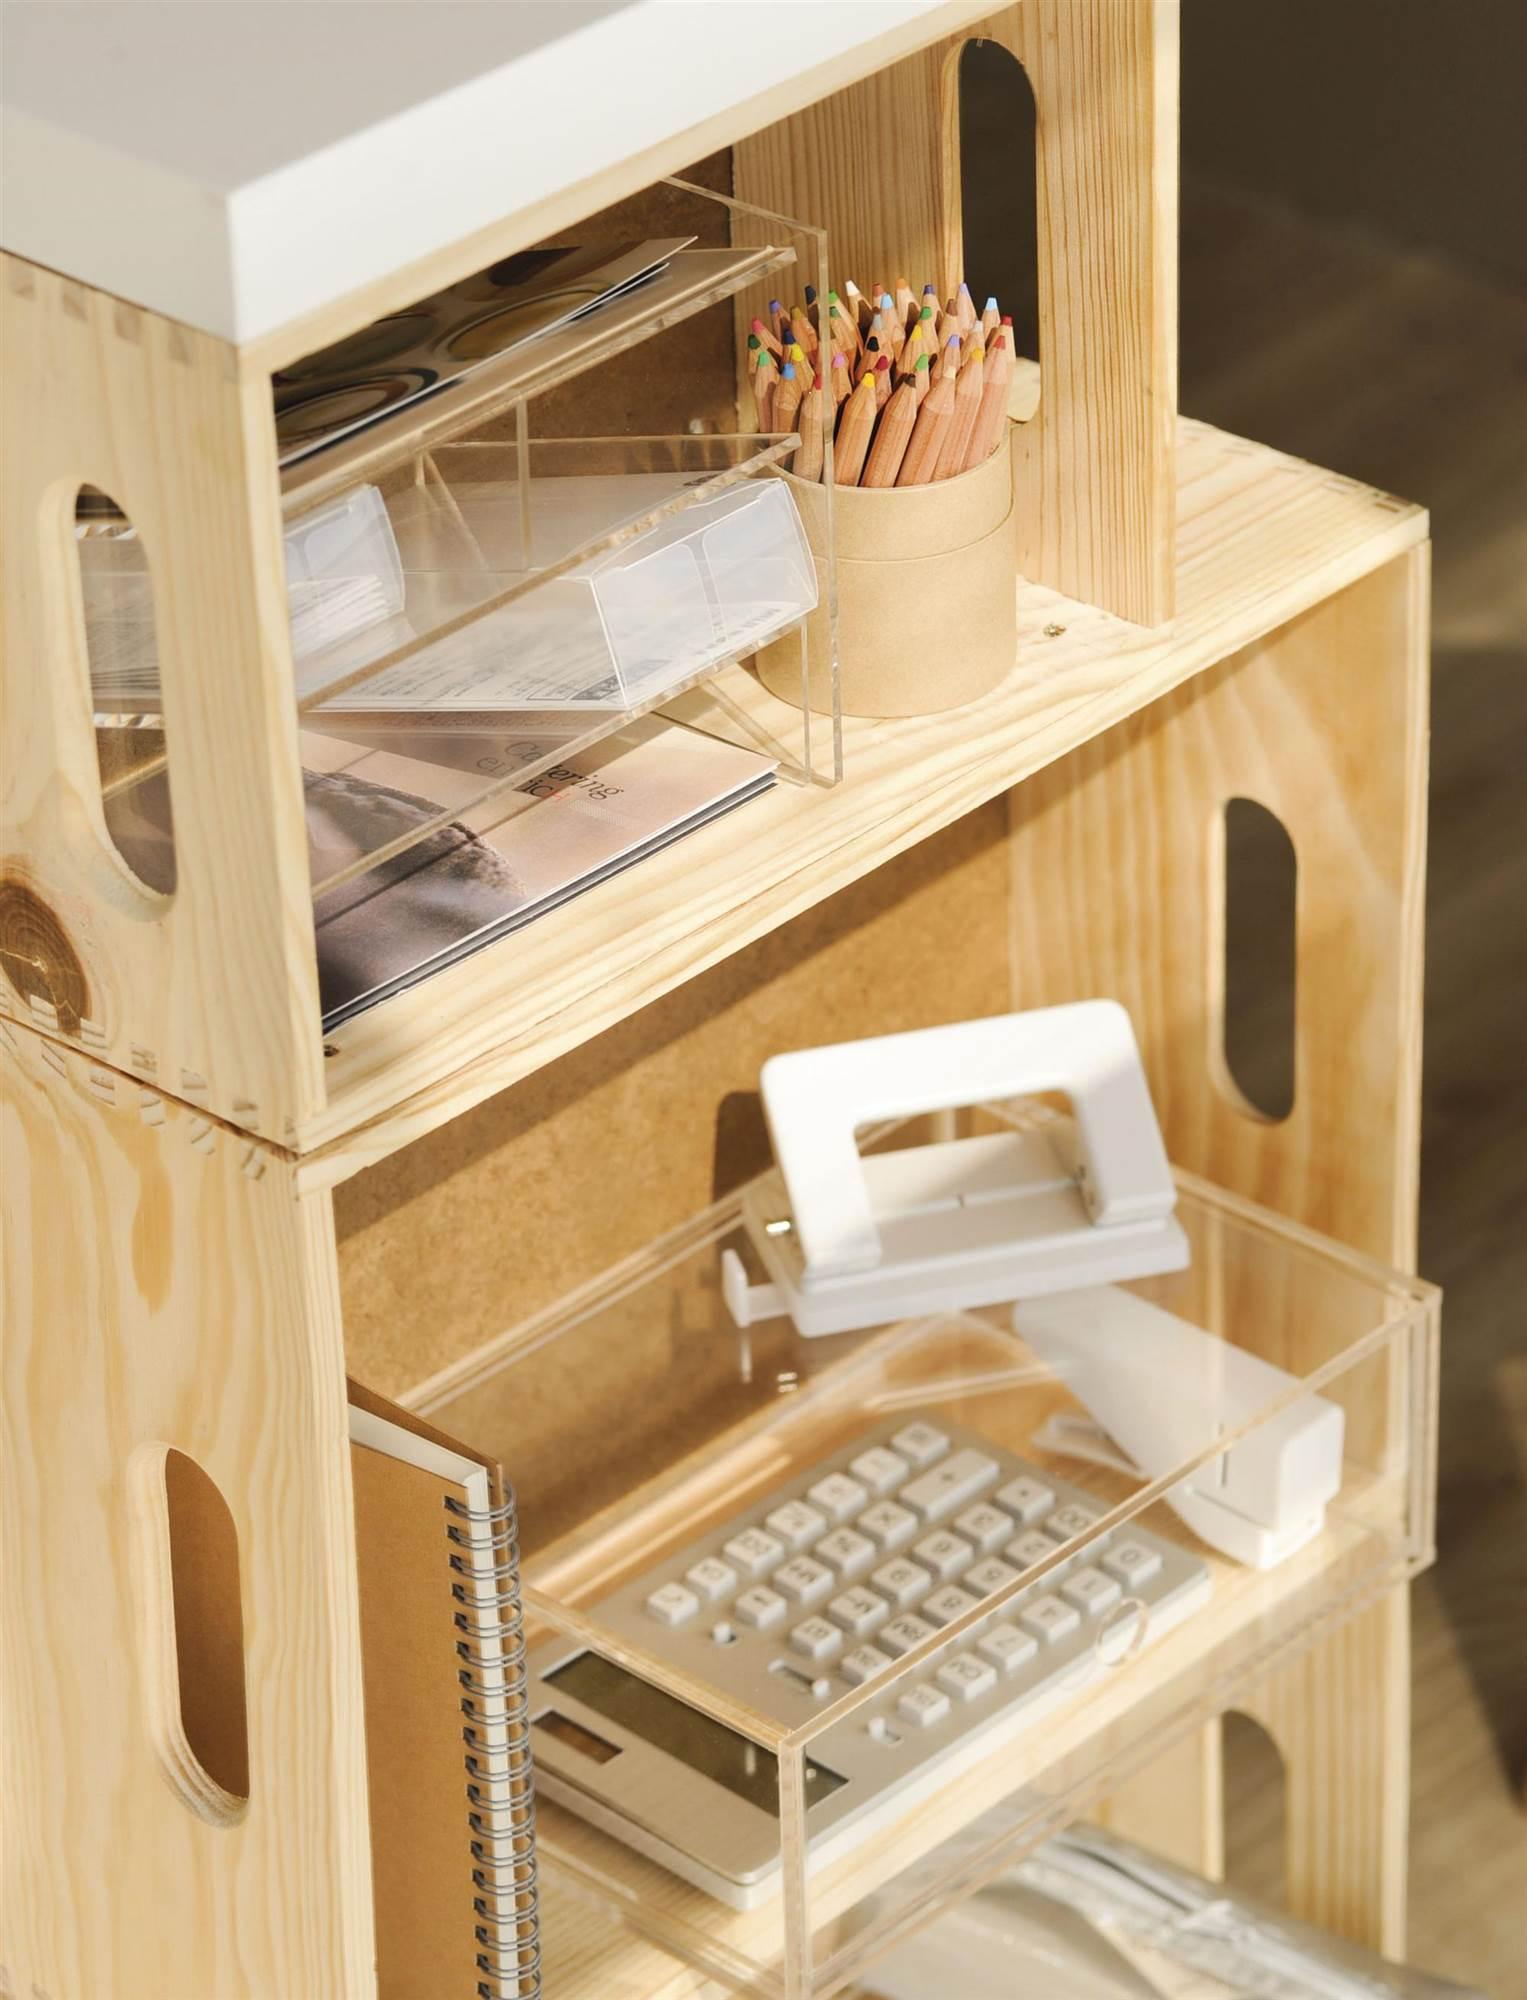 Muebles Hechos De Carton Top Entre Uno Y Otro Molde Se Pegan De  # Muebles De Tubos De Carton